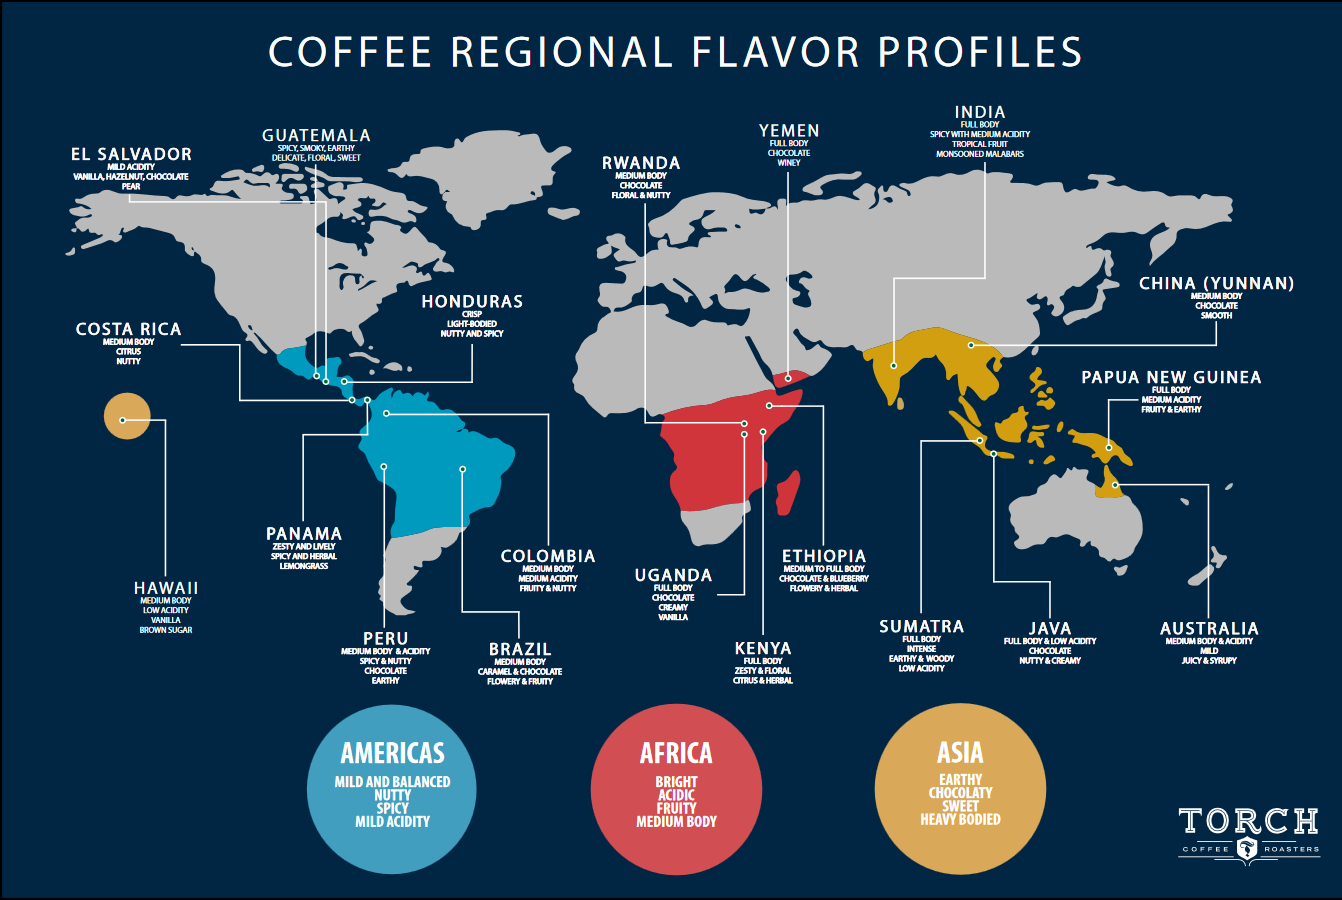 ÚJ sorozat indul!! A hónap kávétermelő országa